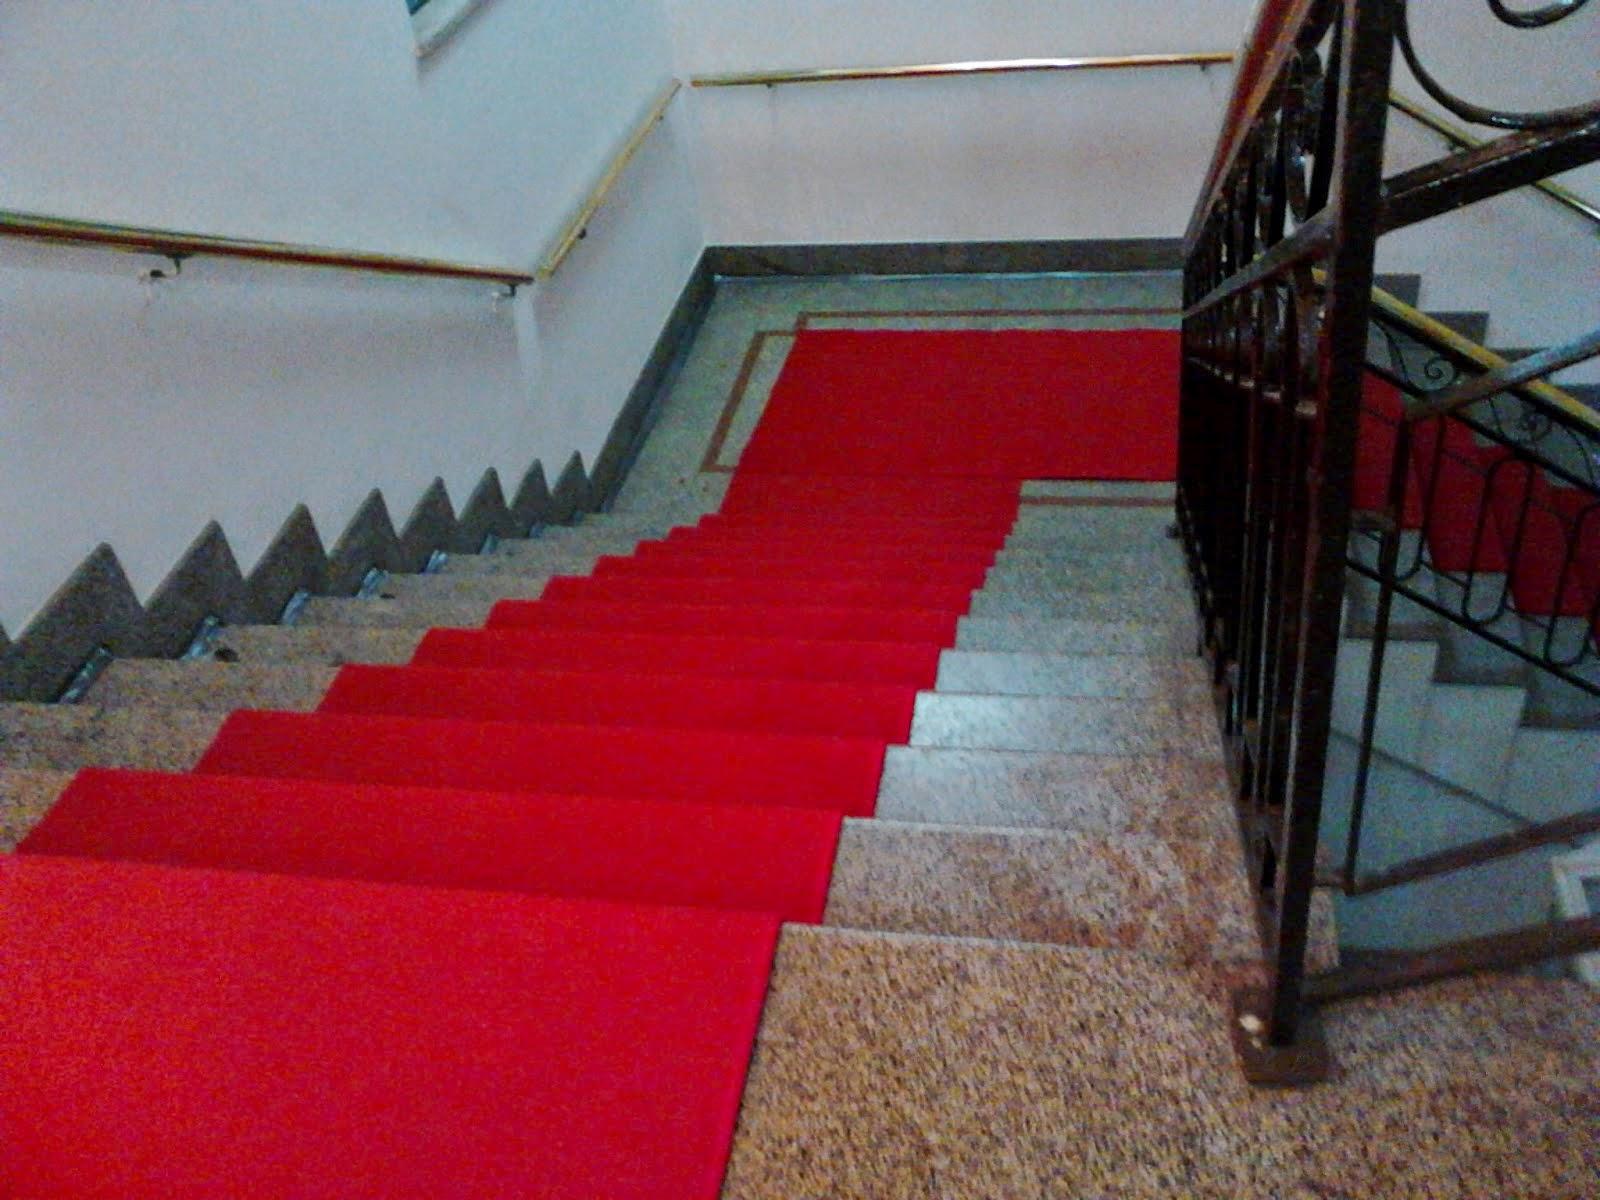 Alugamos tapete passadeira para colocar em escadas.